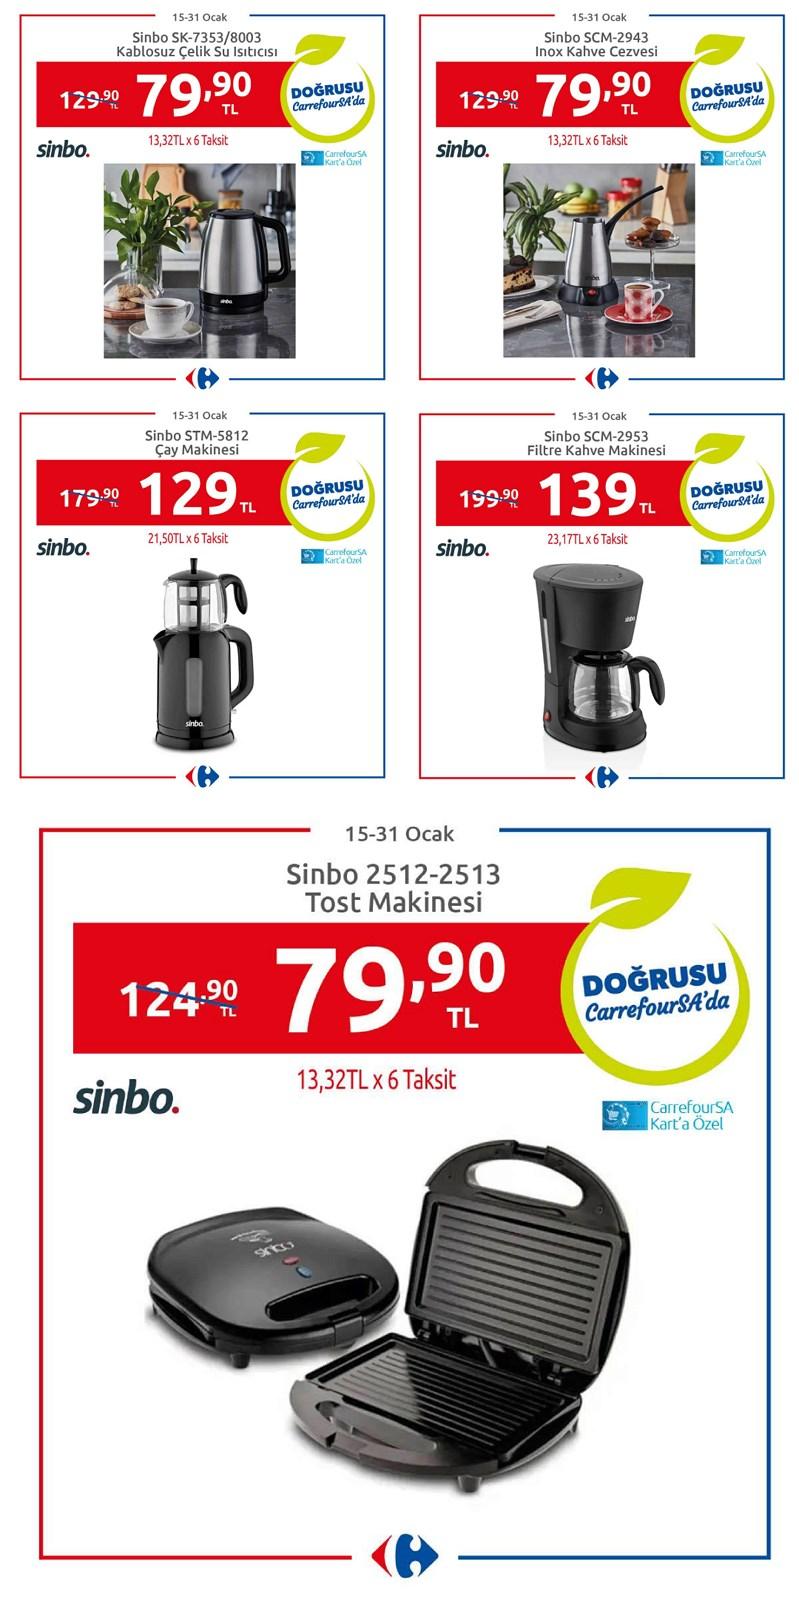 15.01.2021 CarrefourSA broşürü 1. sayfa